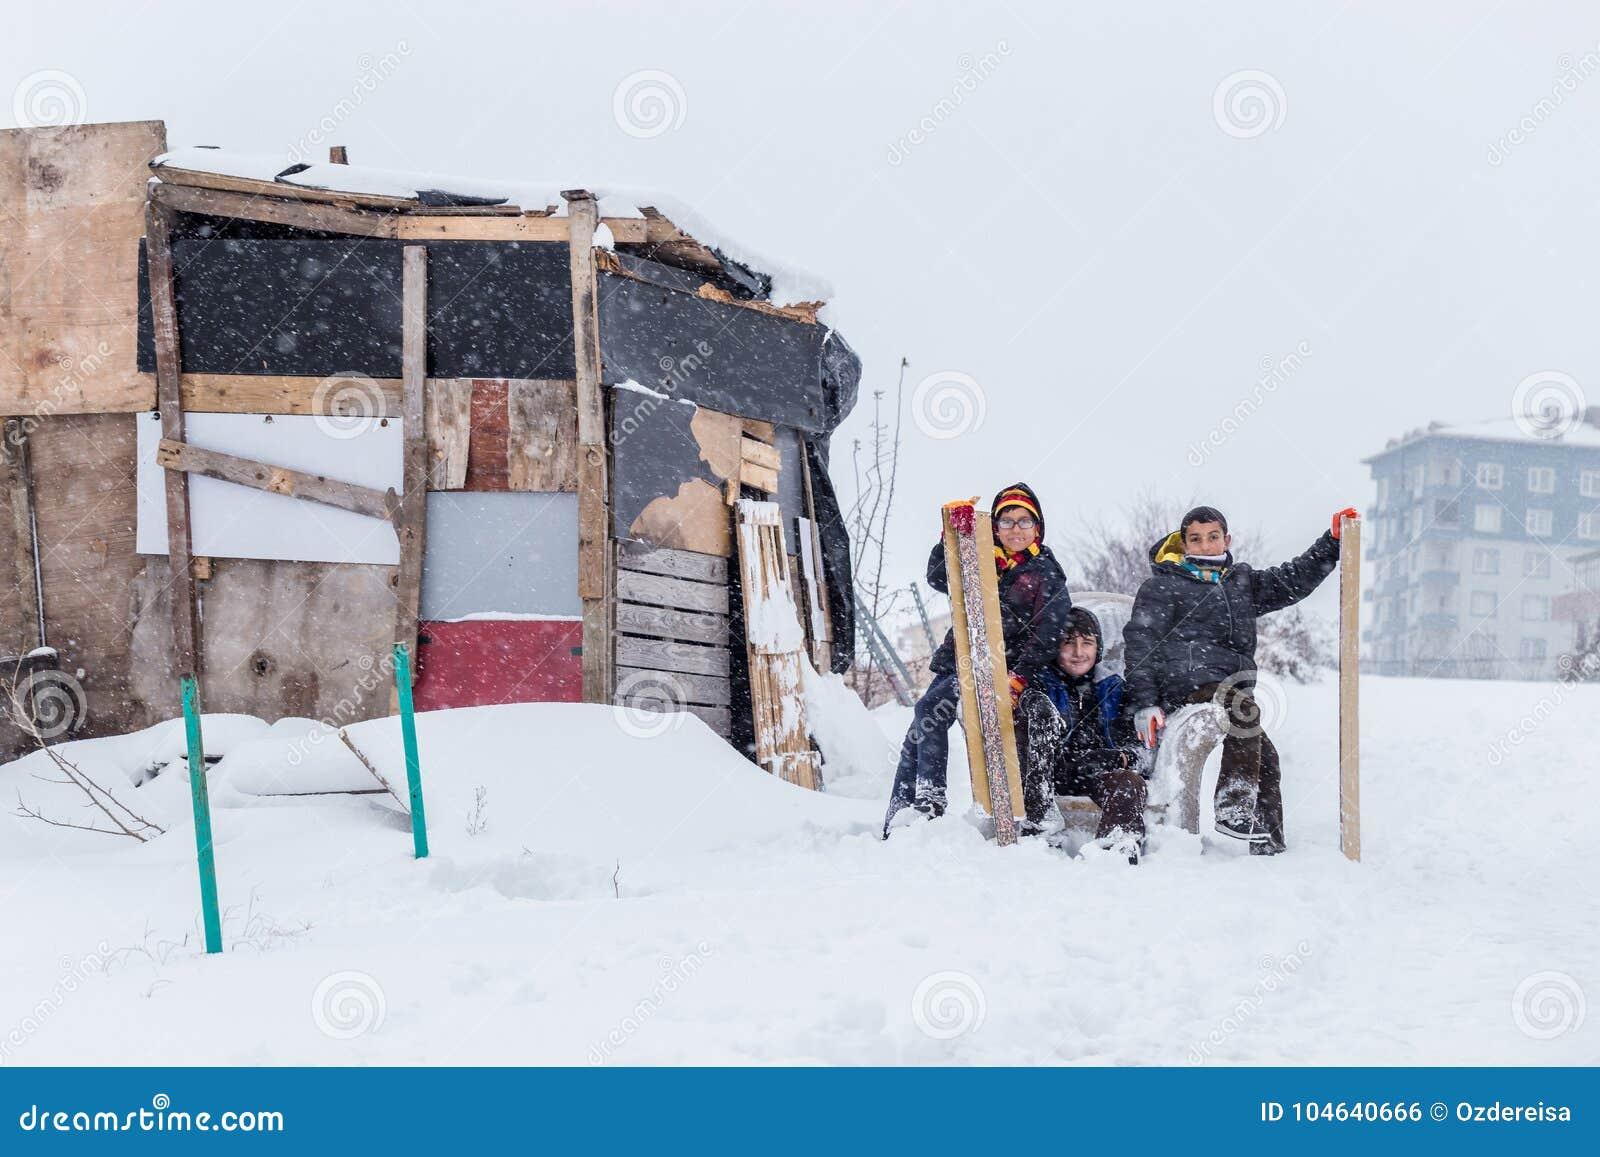 Download De Kinderen Glijden Op Sneeuw In Oude Schoolstijl Met Hardhout Redactionele Foto - Afbeelding bestaande uit park, openlucht: 104640666